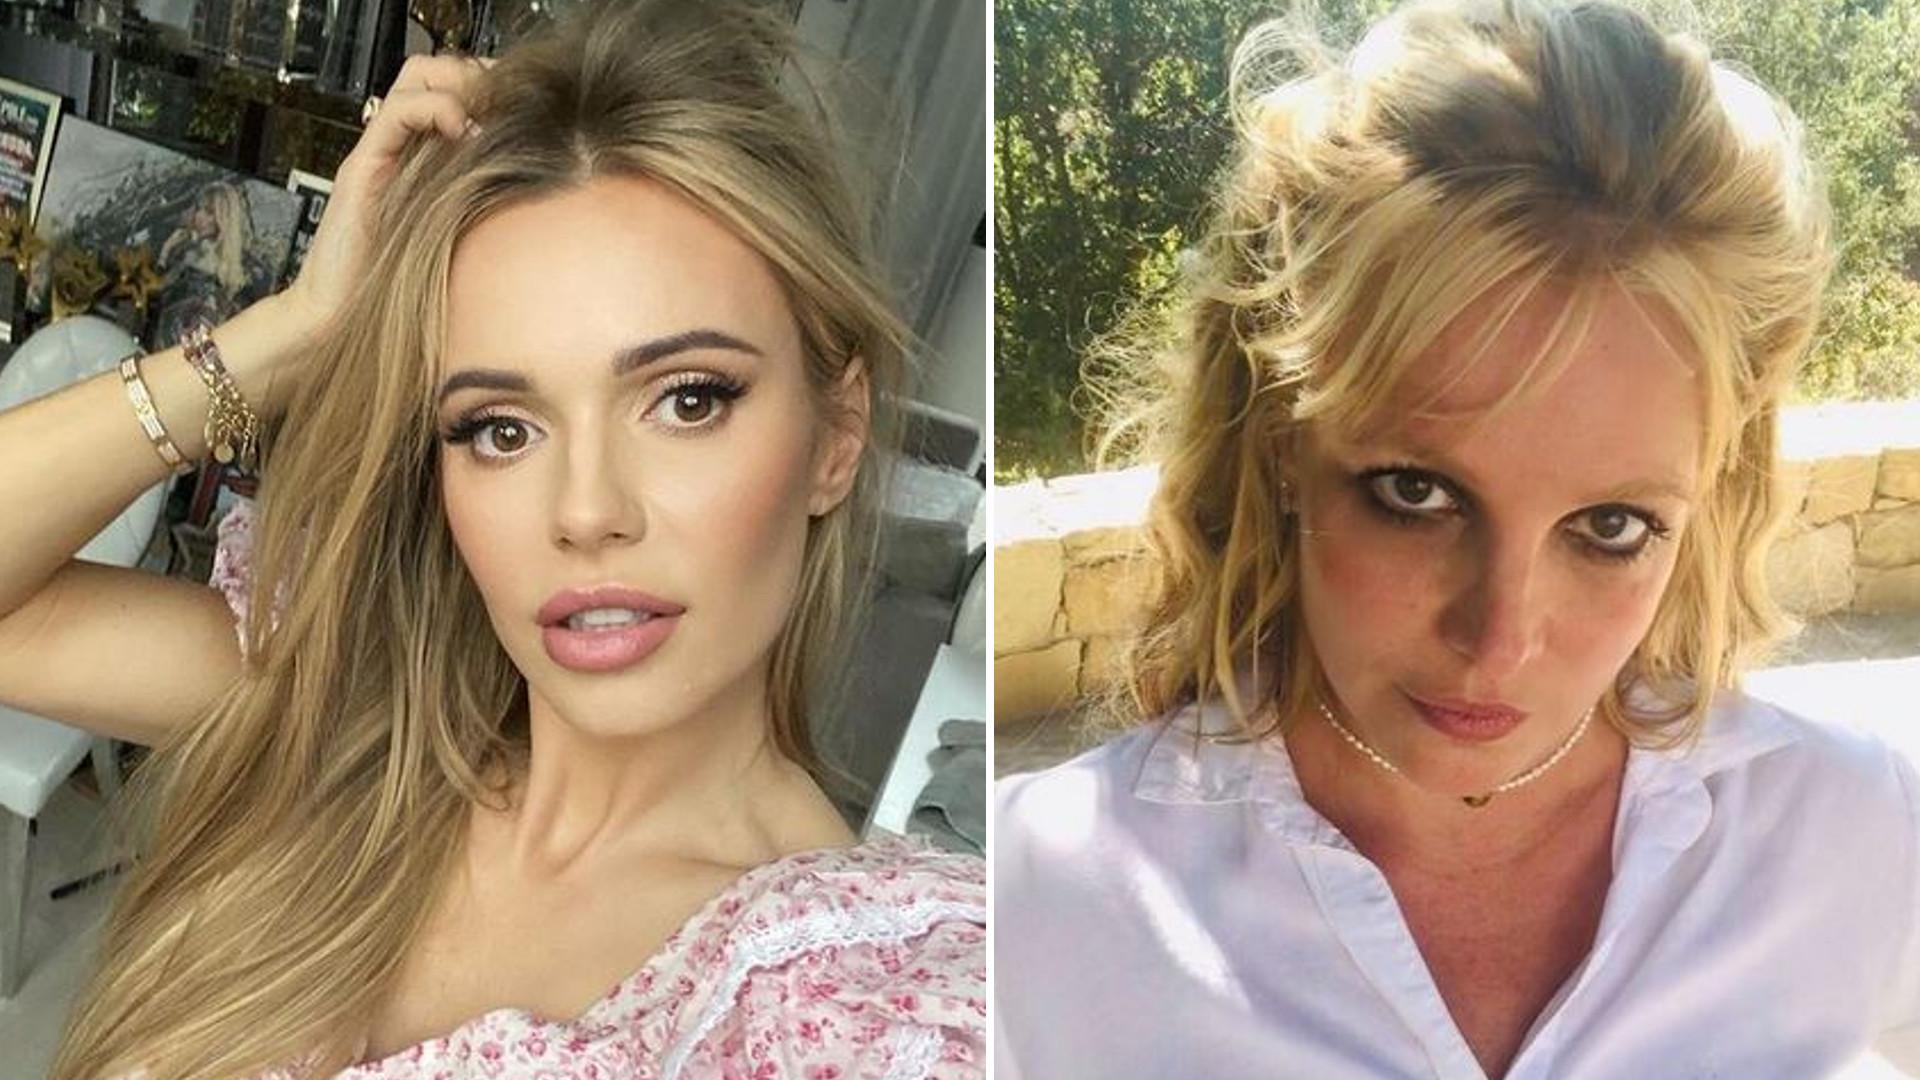 """Doda MOCNO o Britney Spears i problemach psychicznych: """"Przeżyłam trzy załamania nerwowe, byłam na dnie"""""""